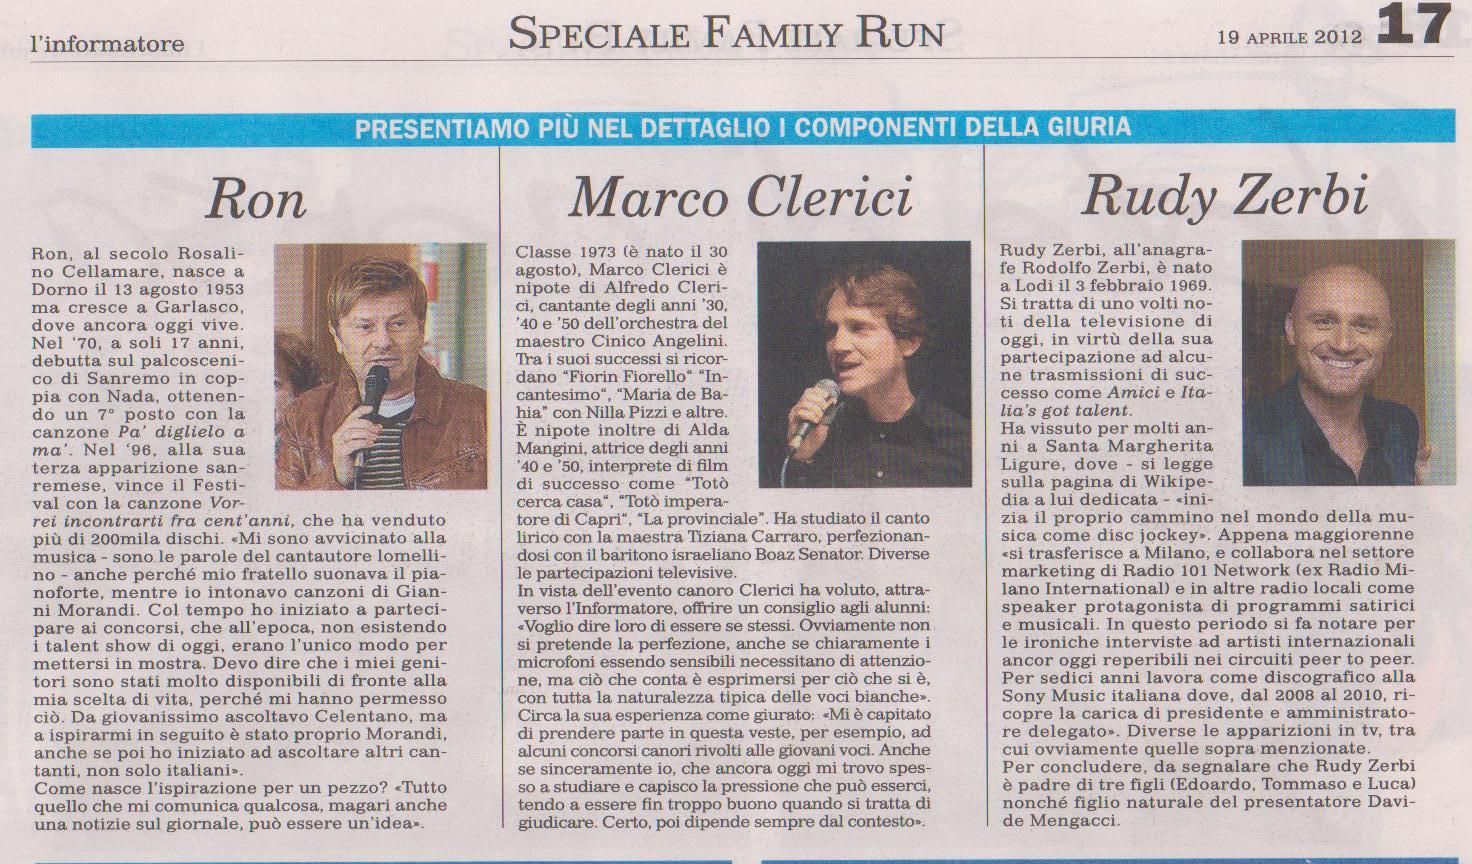 Family Run, presentazione della giuria